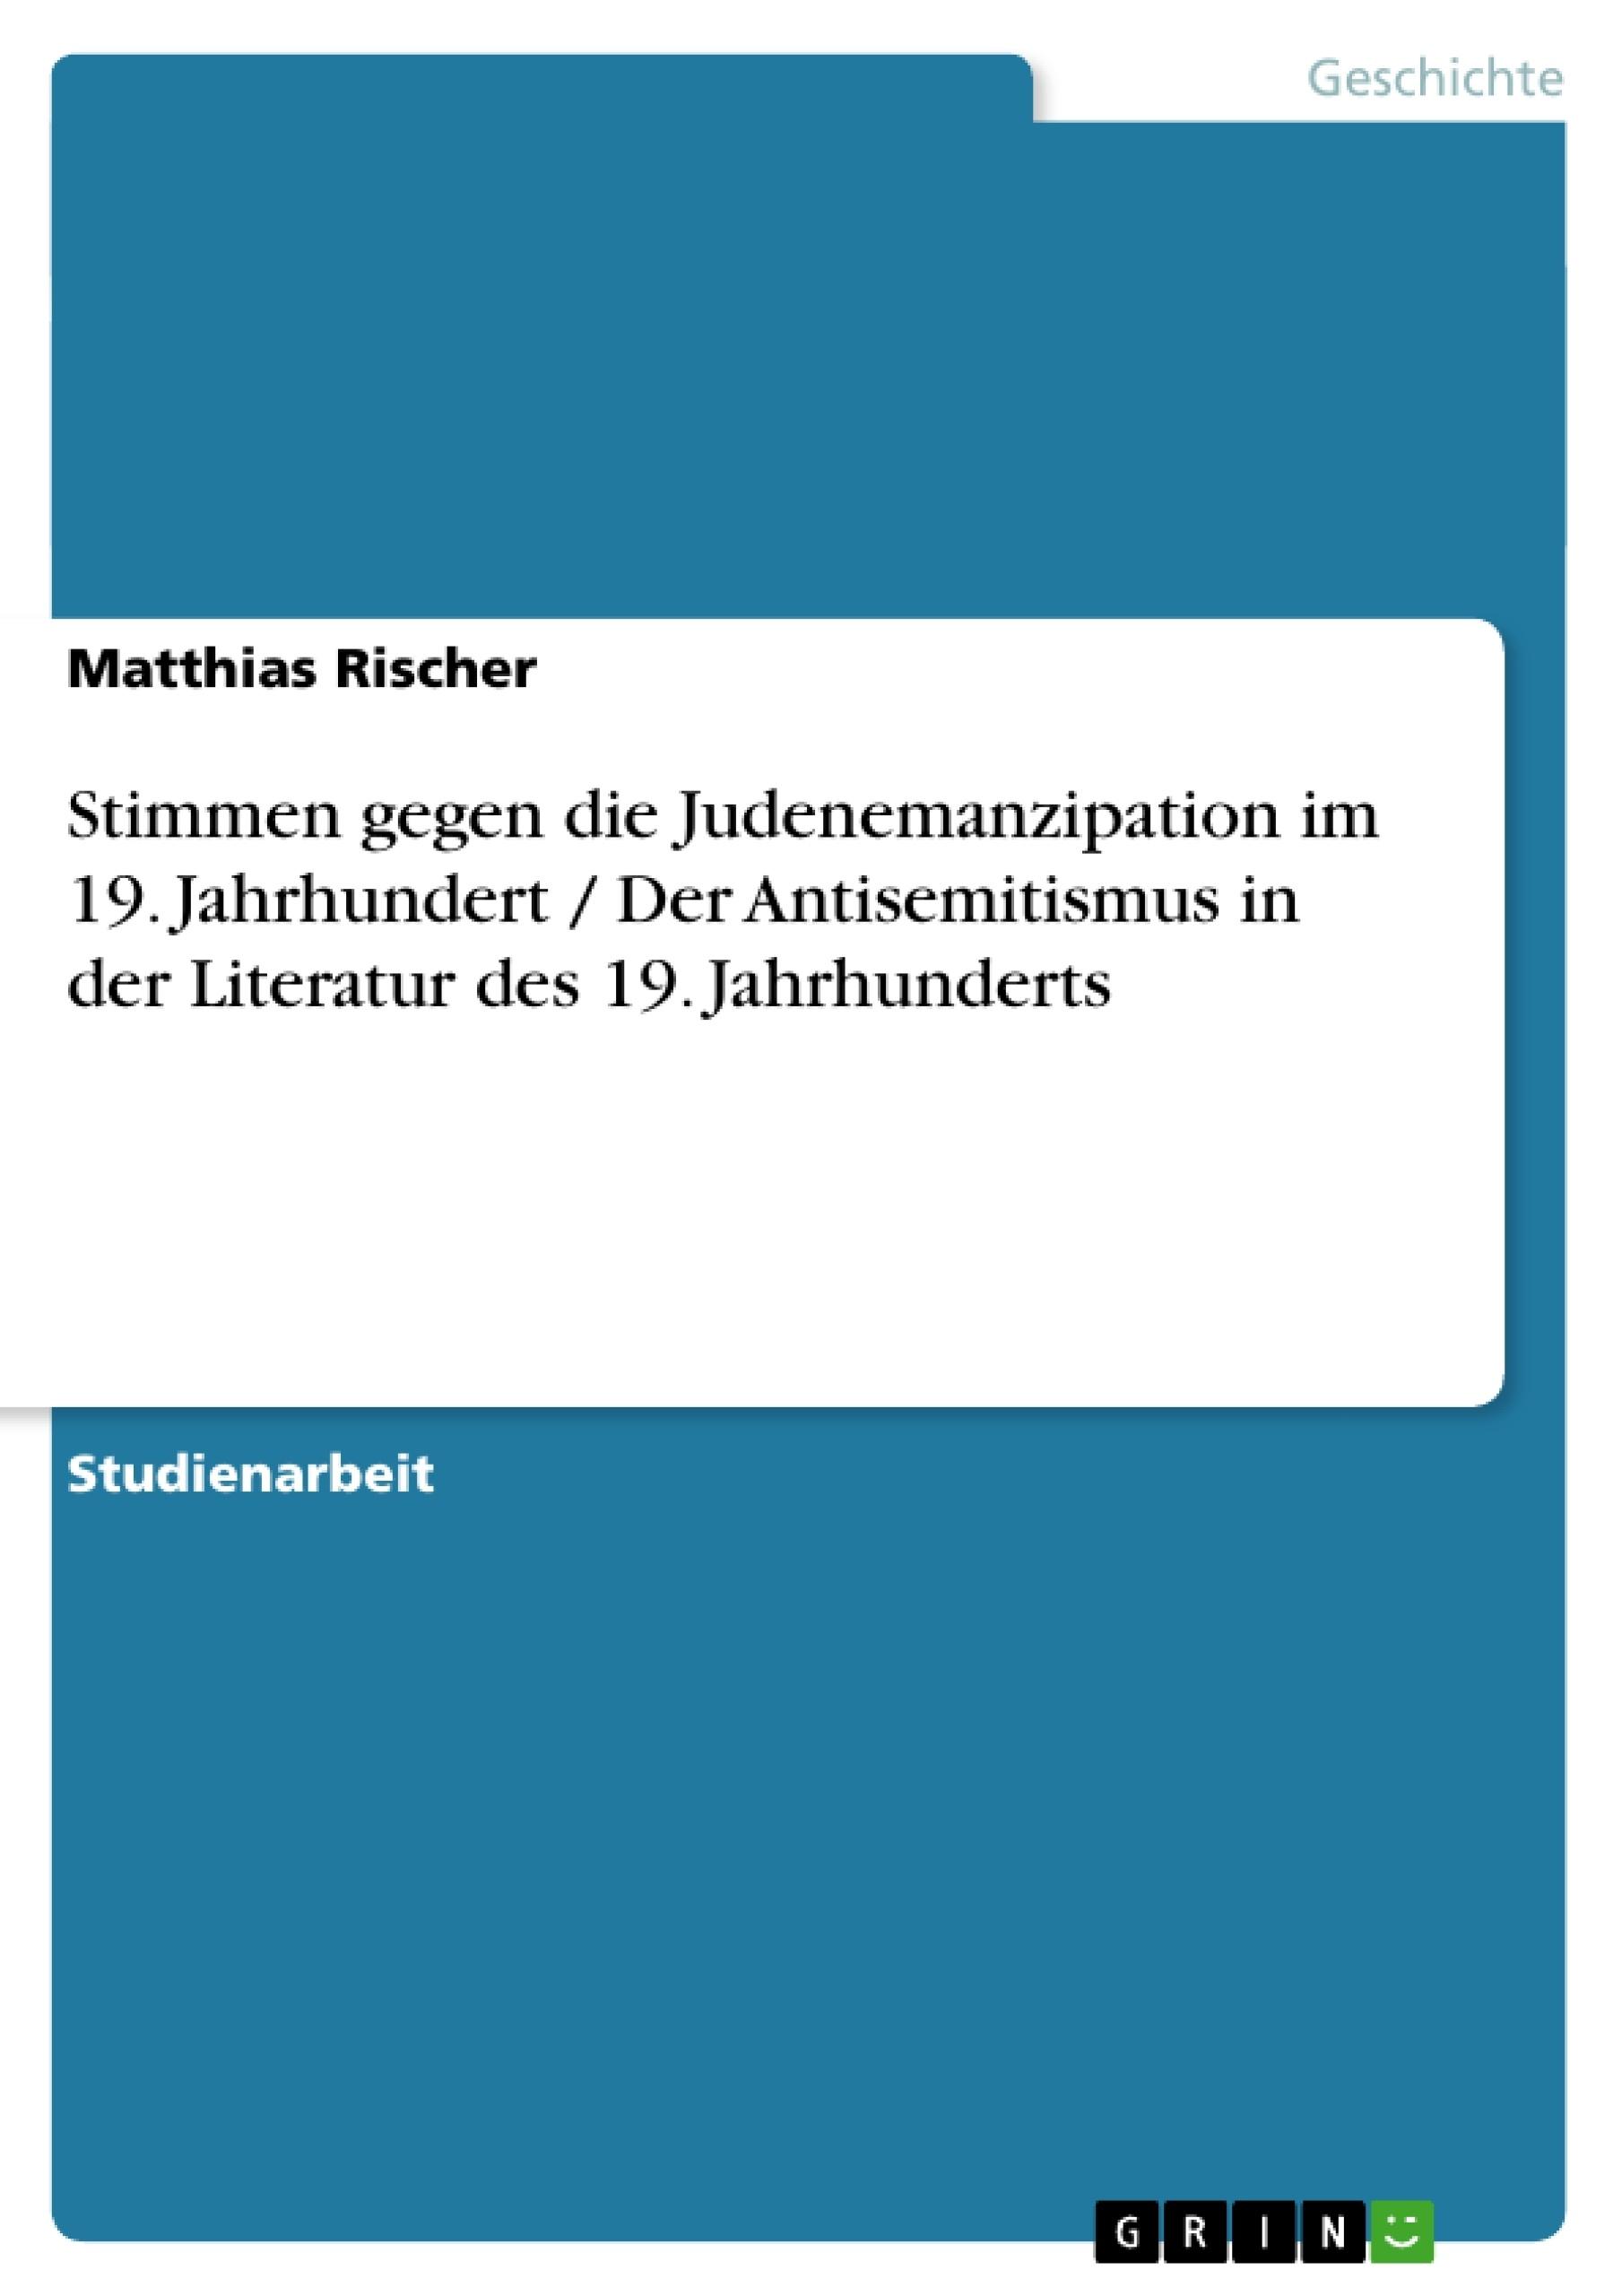 Titel: Stimmen gegen die Judenemanzipation im 19. Jahrhundert / Der Antisemitismus in der Literatur des 19. Jahrhunderts